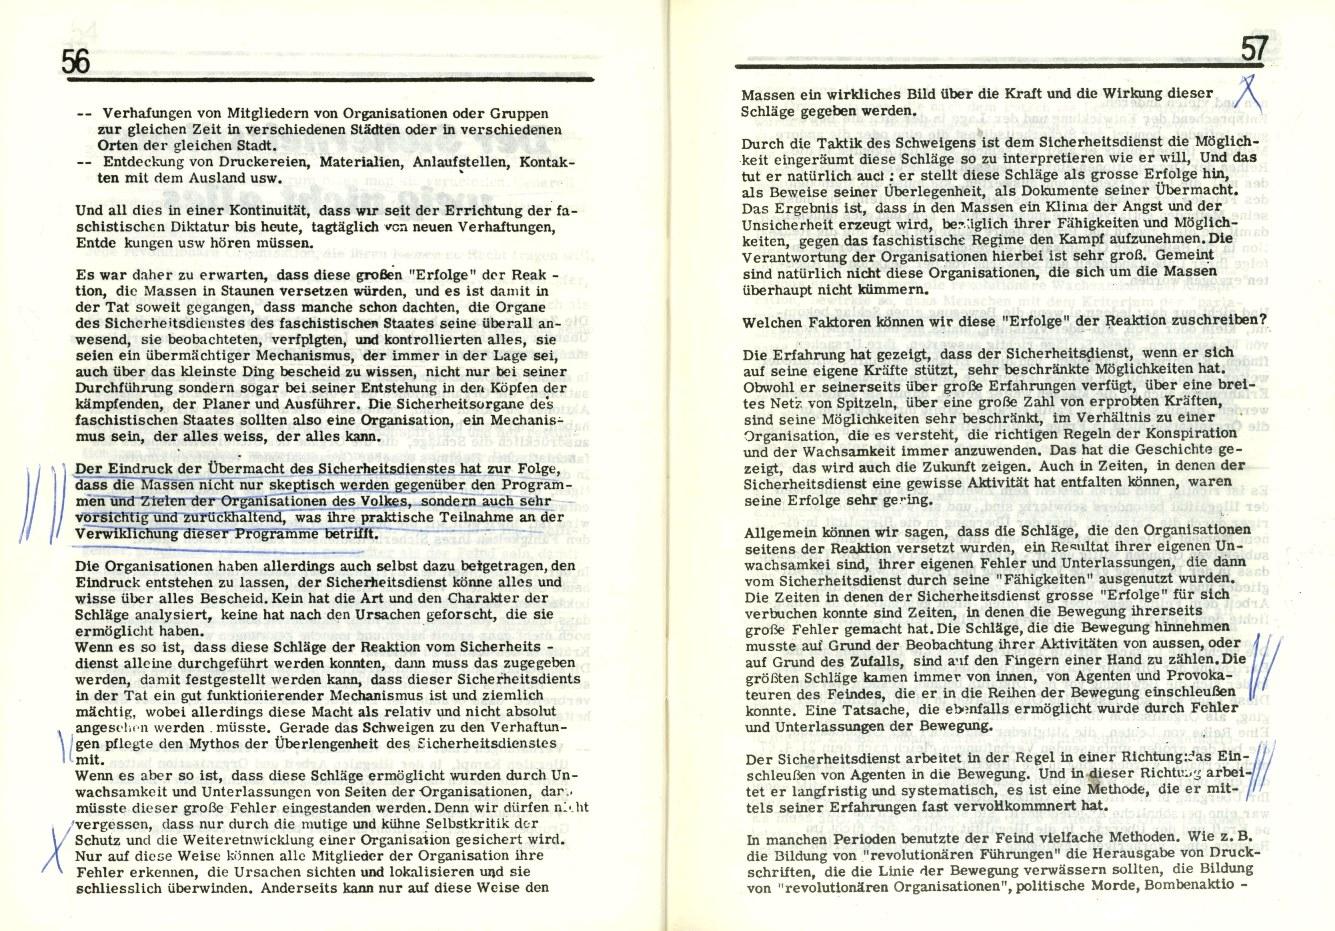 Griechenland_Griechische_ML_1971_Dokumente_01_29